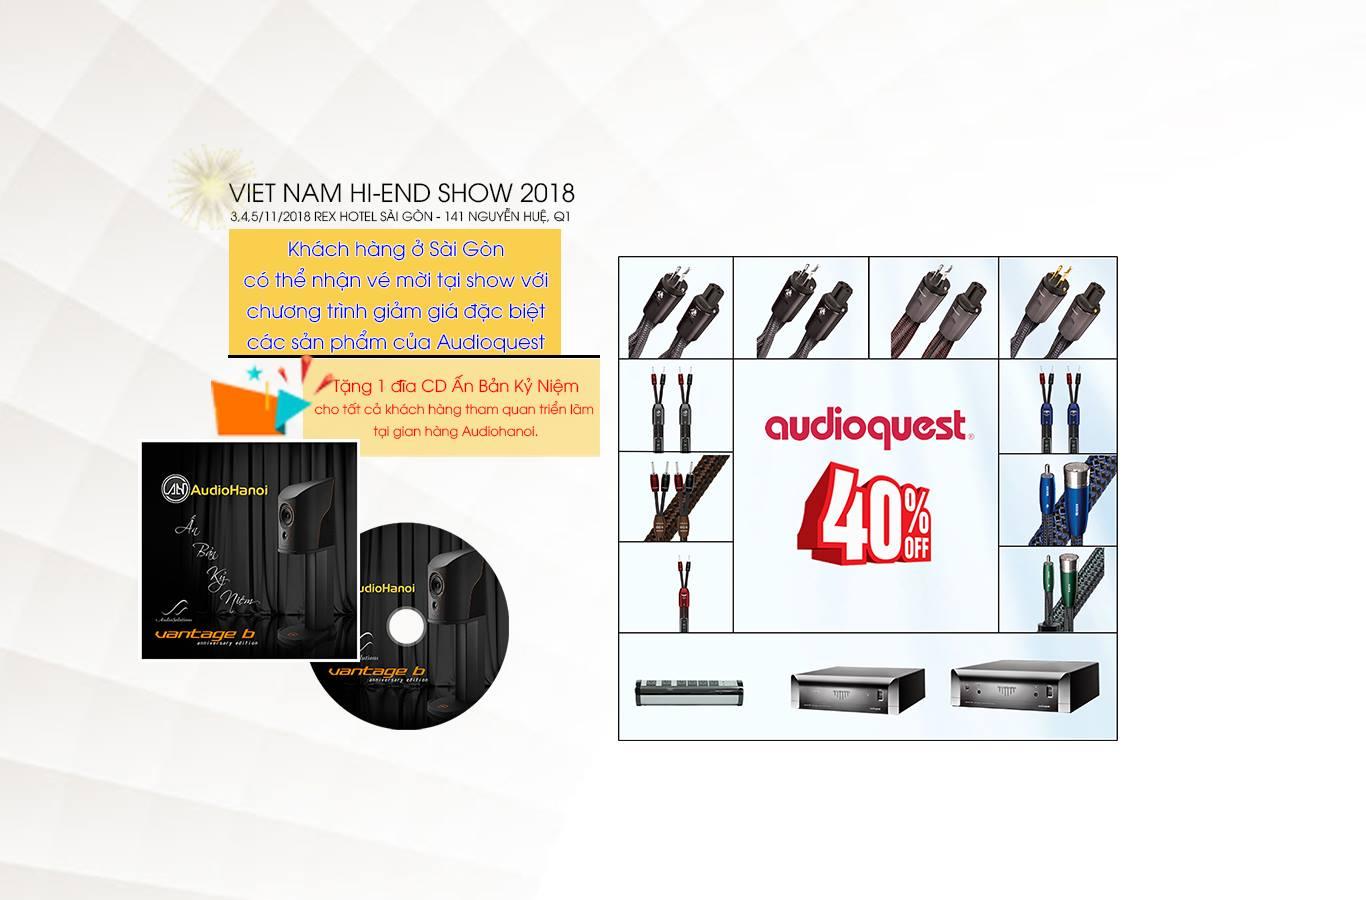 Vietnam Hi-end Show 2018 san pham